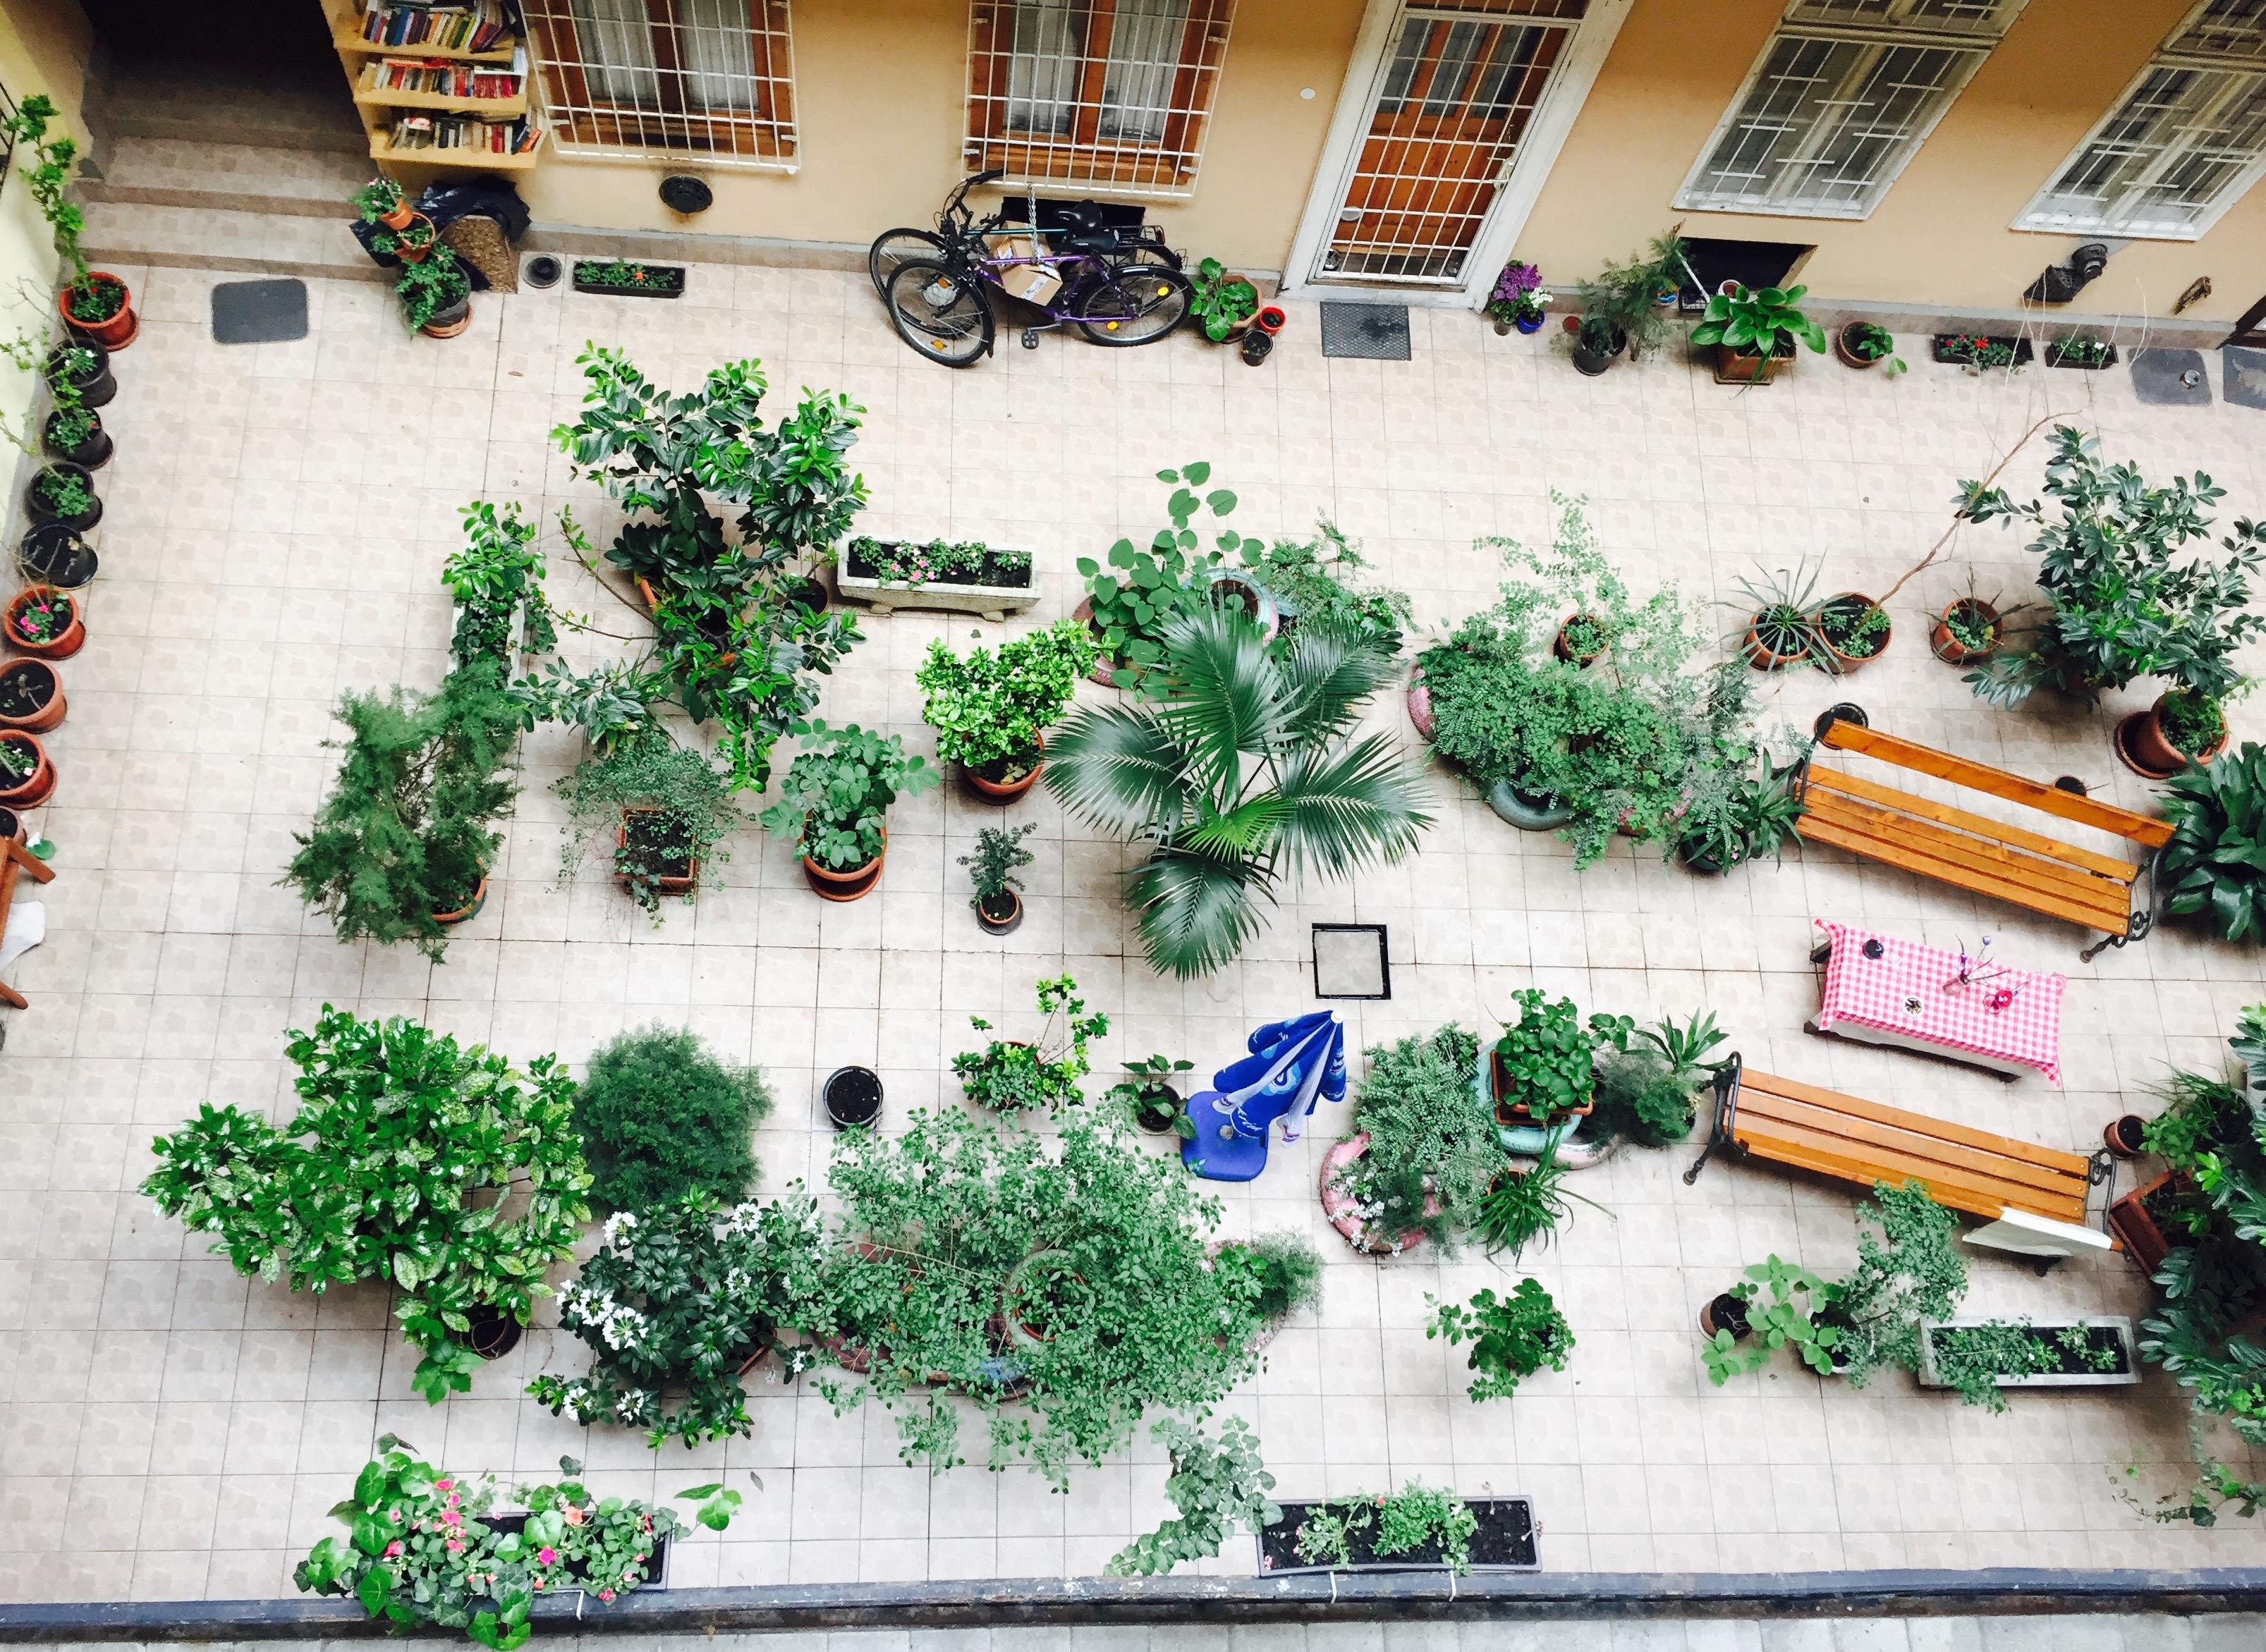 Izgalmas belső kertek a pesti Chicagoban